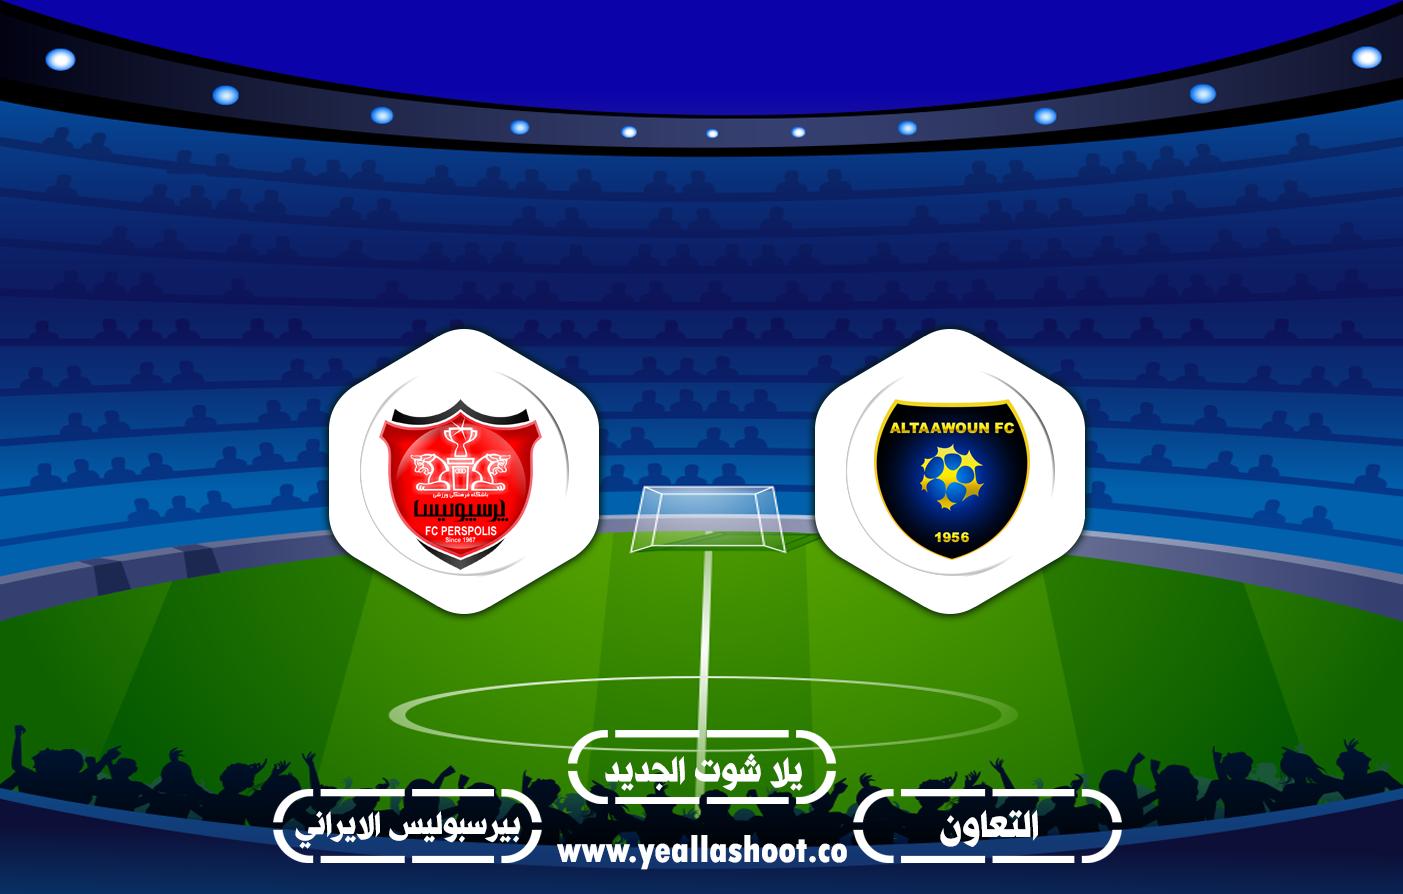 مشاهدة مباراة التعاون وبيرسبوليس الايراني اليوم بث مباشر 15-9-2020 في دوري ابطال اسيا